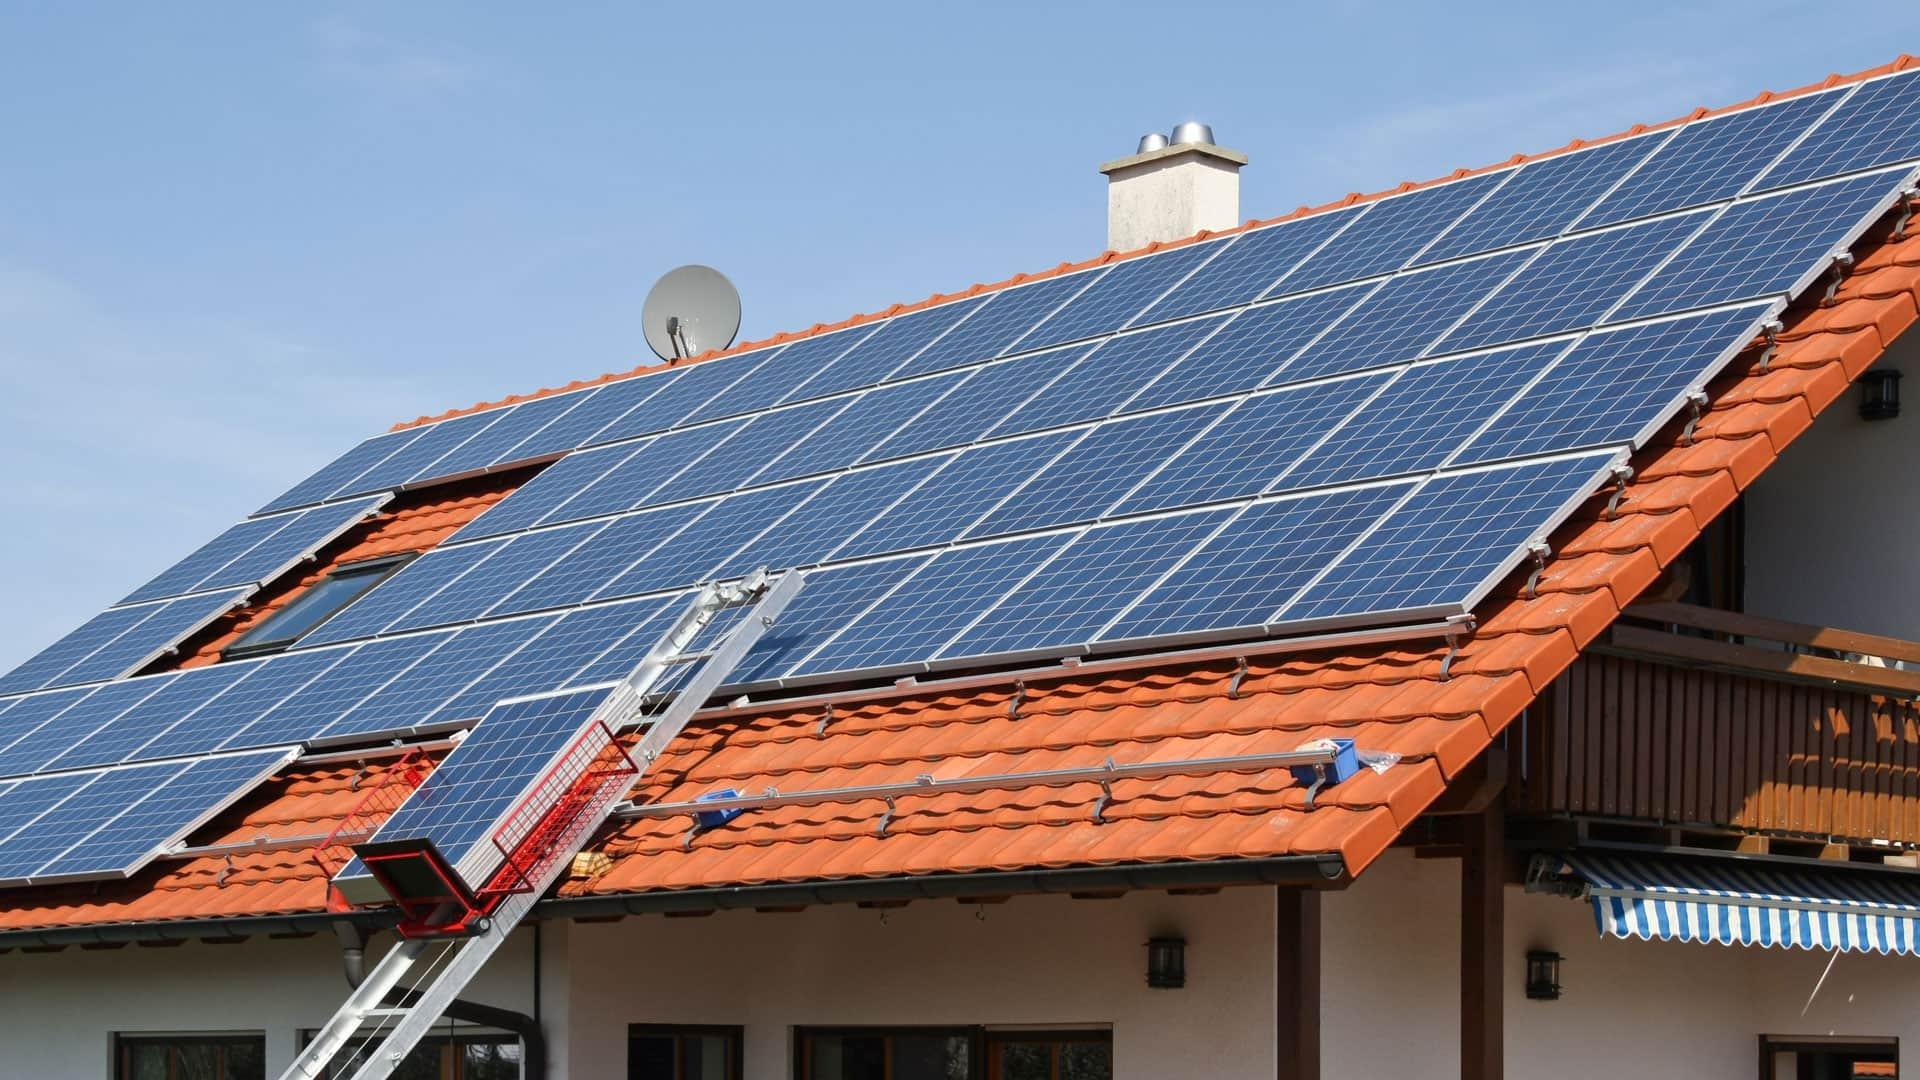 solarheizung heizen mit solar gleich heizen mit sonnenenergie. Black Bedroom Furniture Sets. Home Design Ideas